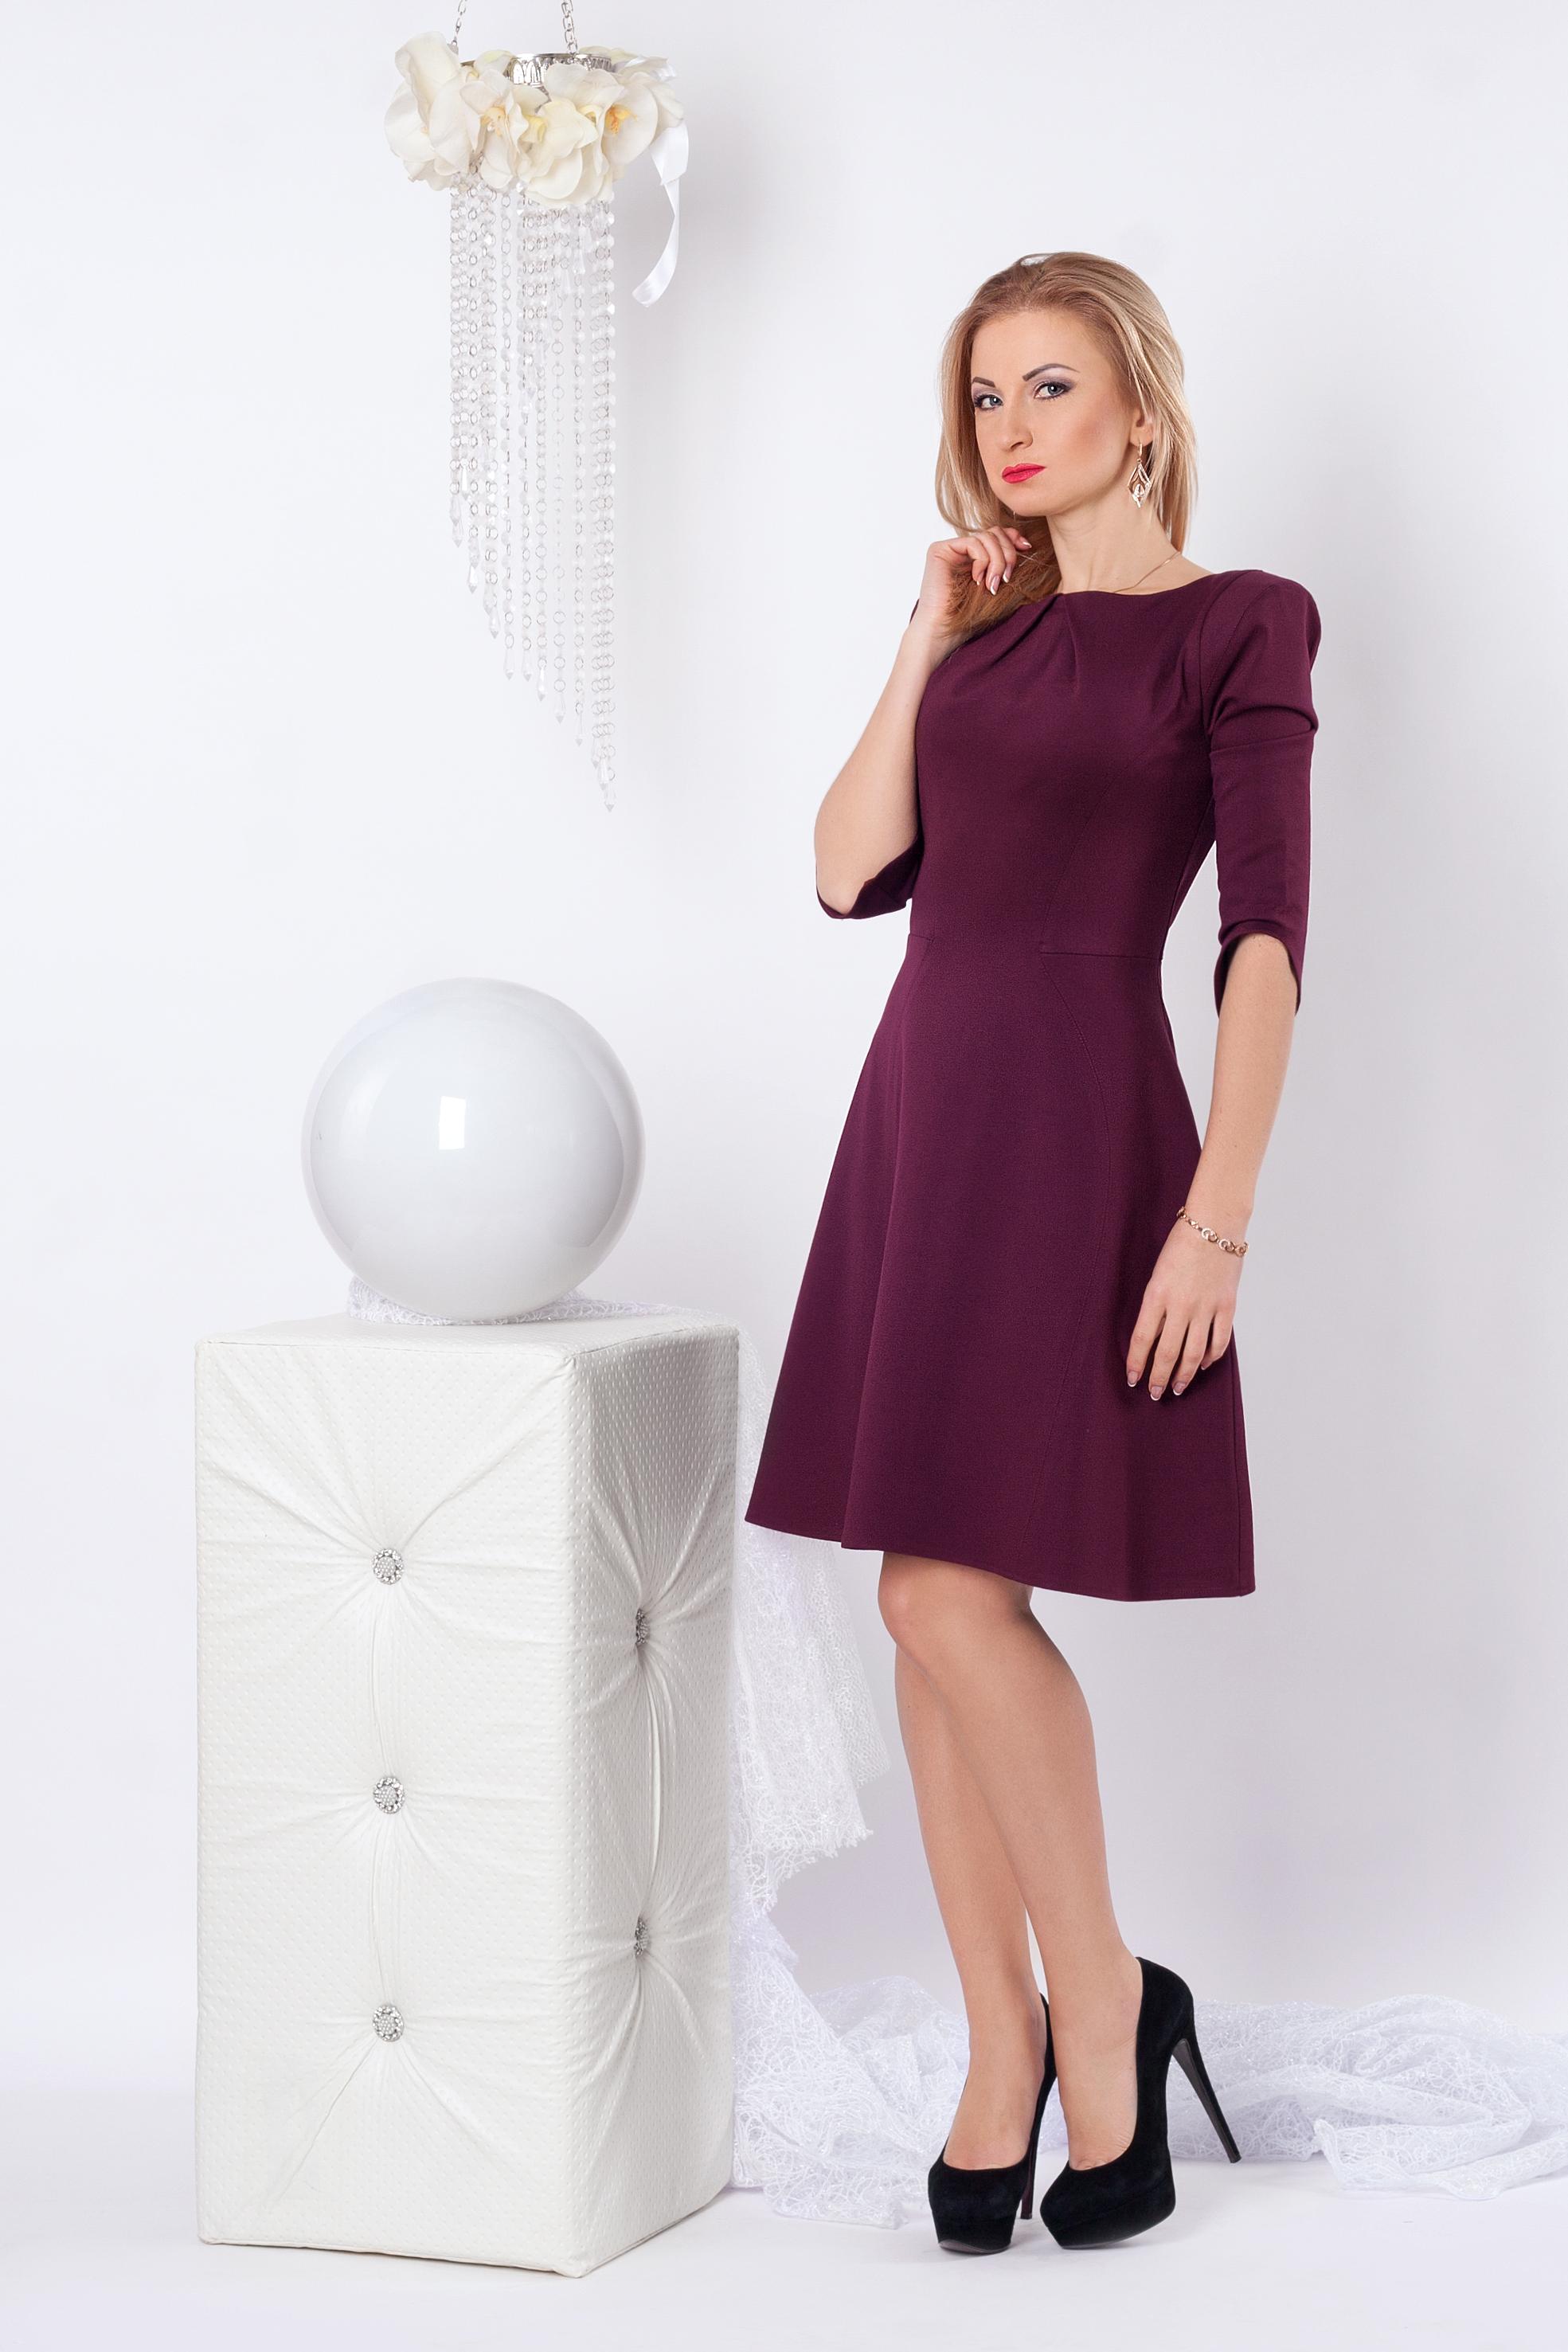 Красивое женское платье 946 - Фотогалерея стильной одежды - Купити ... e9f08a3571df0